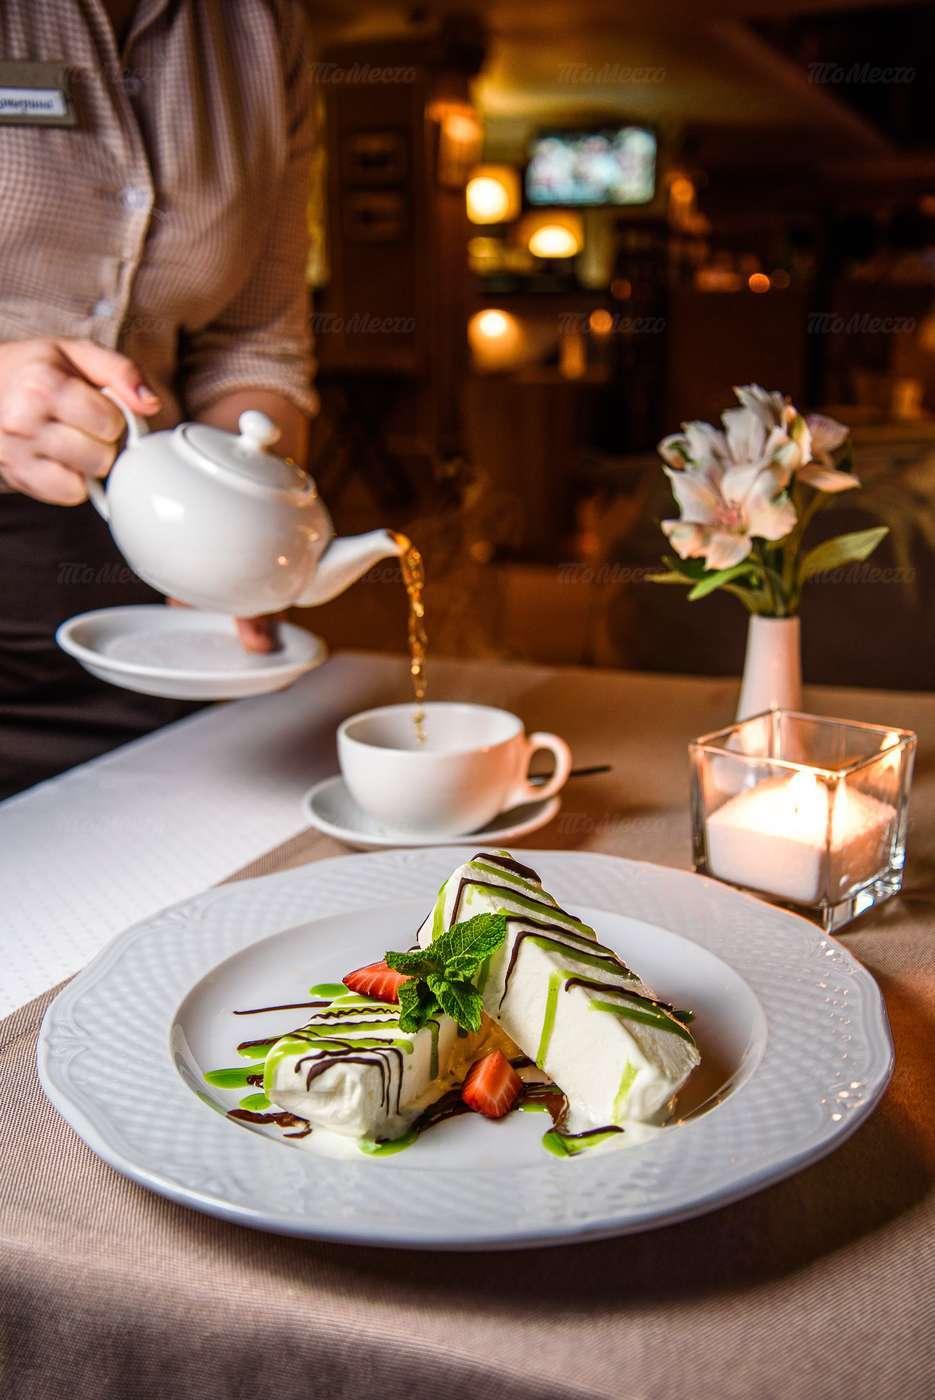 Меню кафе Де Марко (De Marco) на Ленинском проспекте фото 13